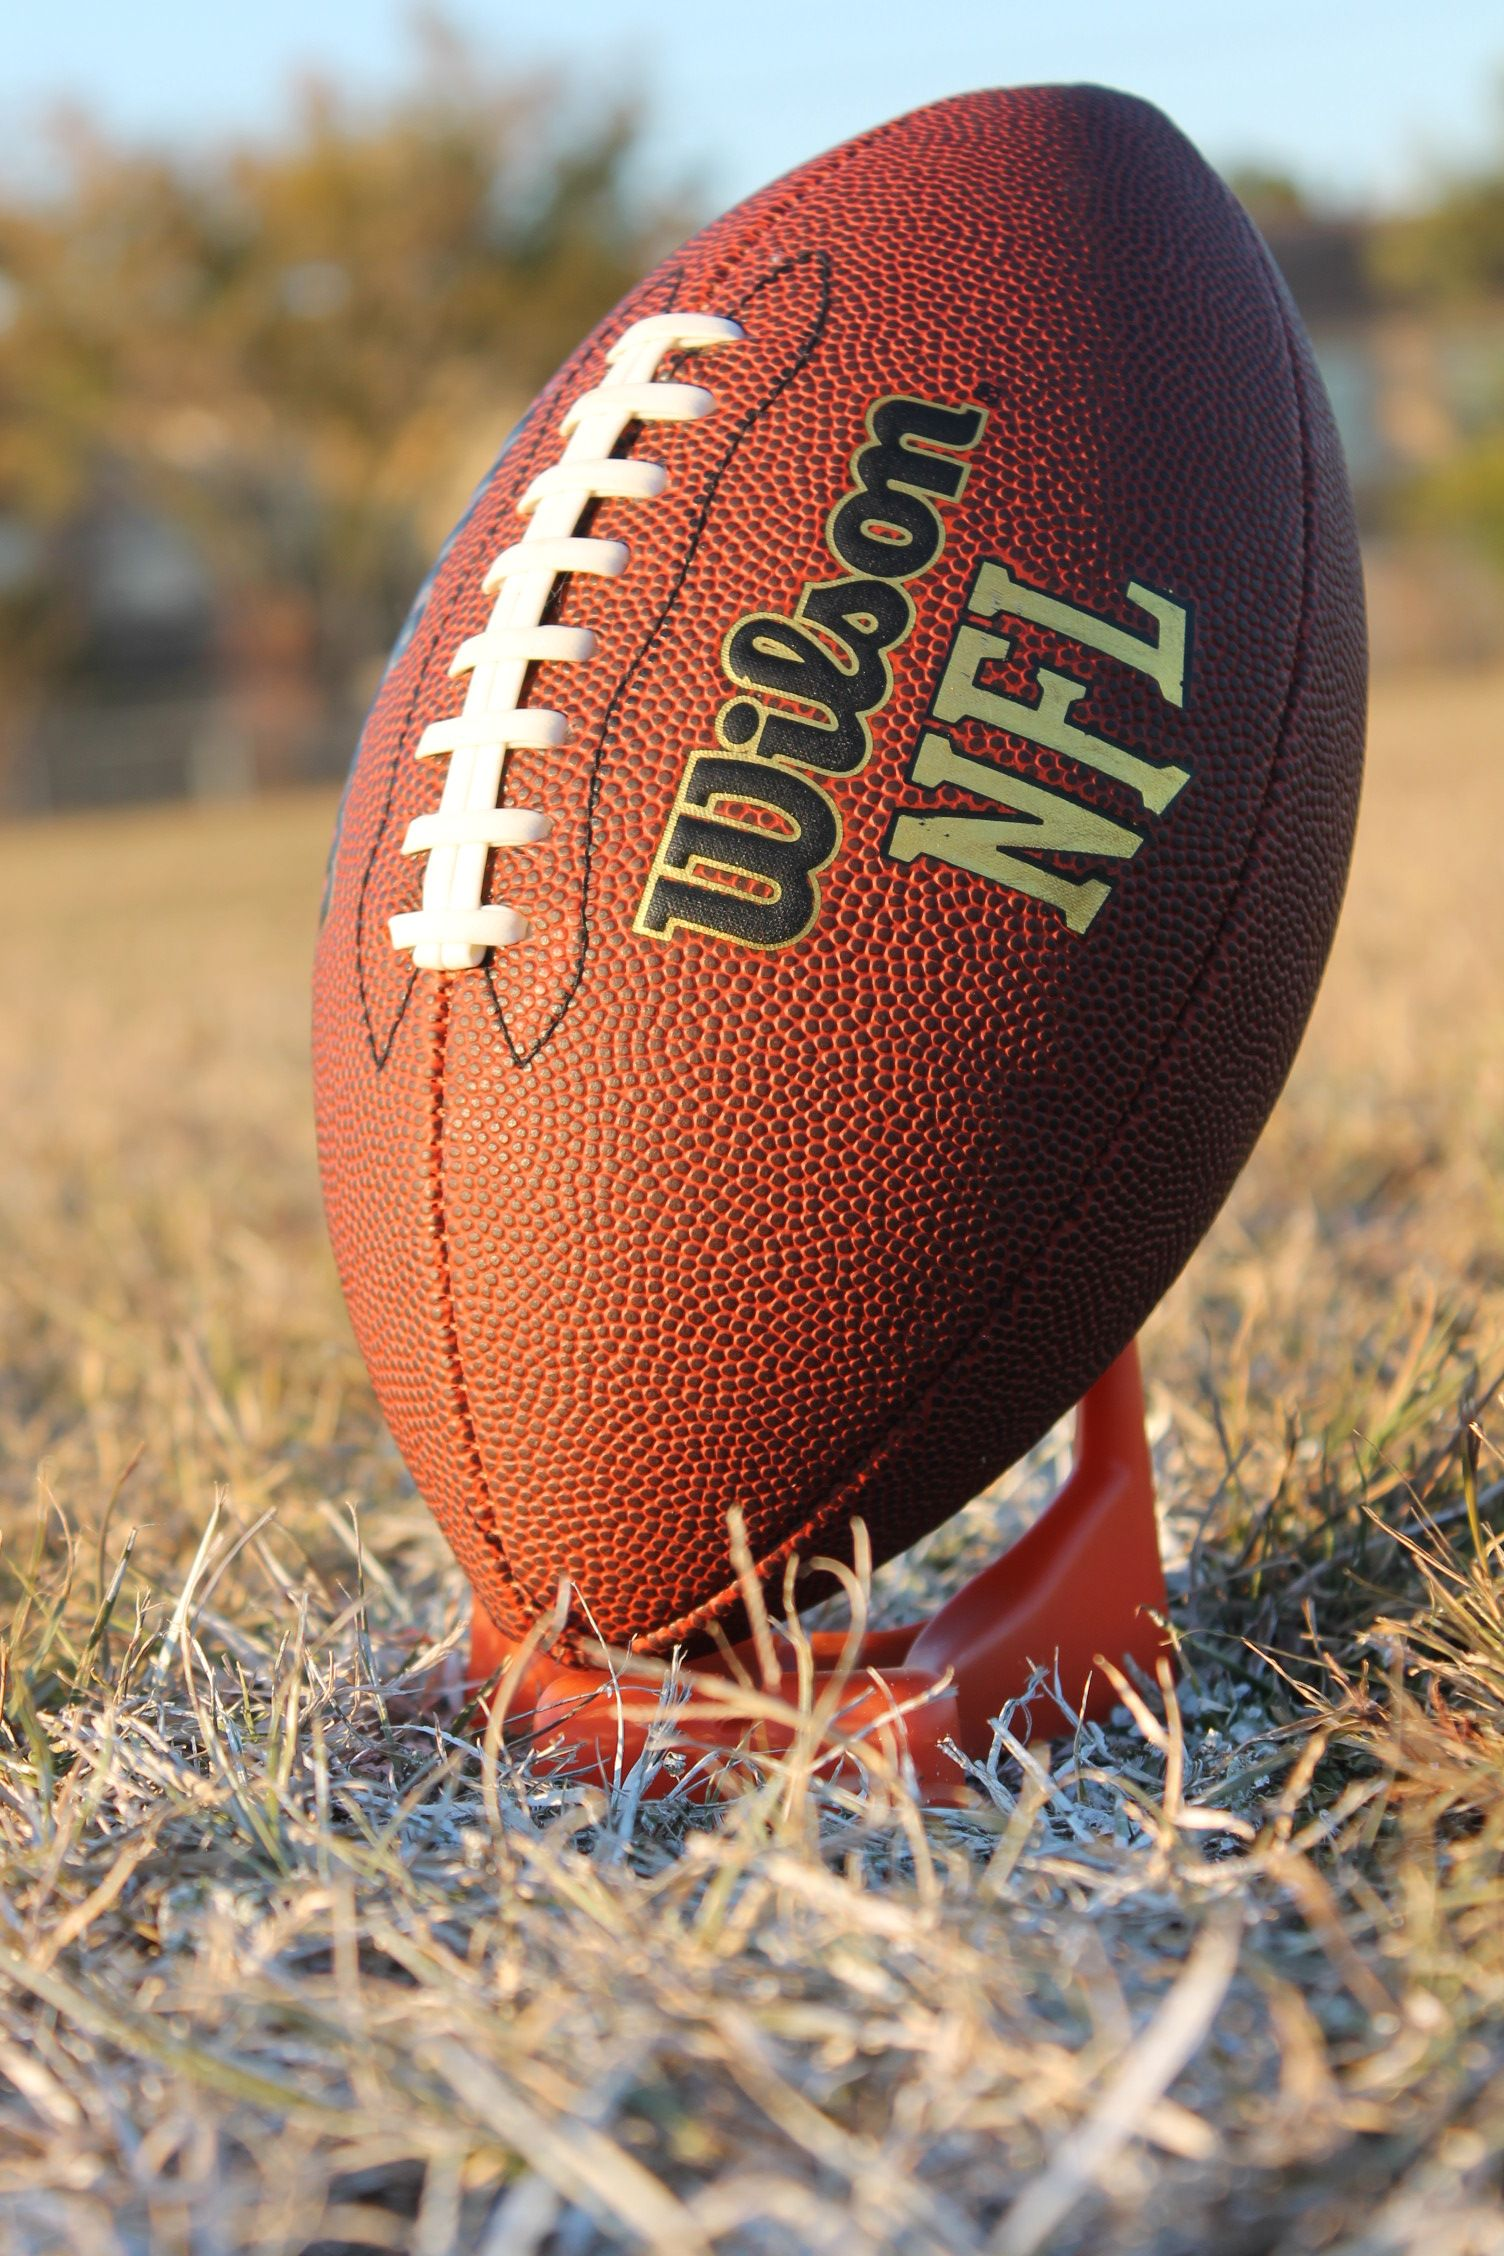 Football Futball Americano Fondo De Pantalla Futbol Futbol Americano